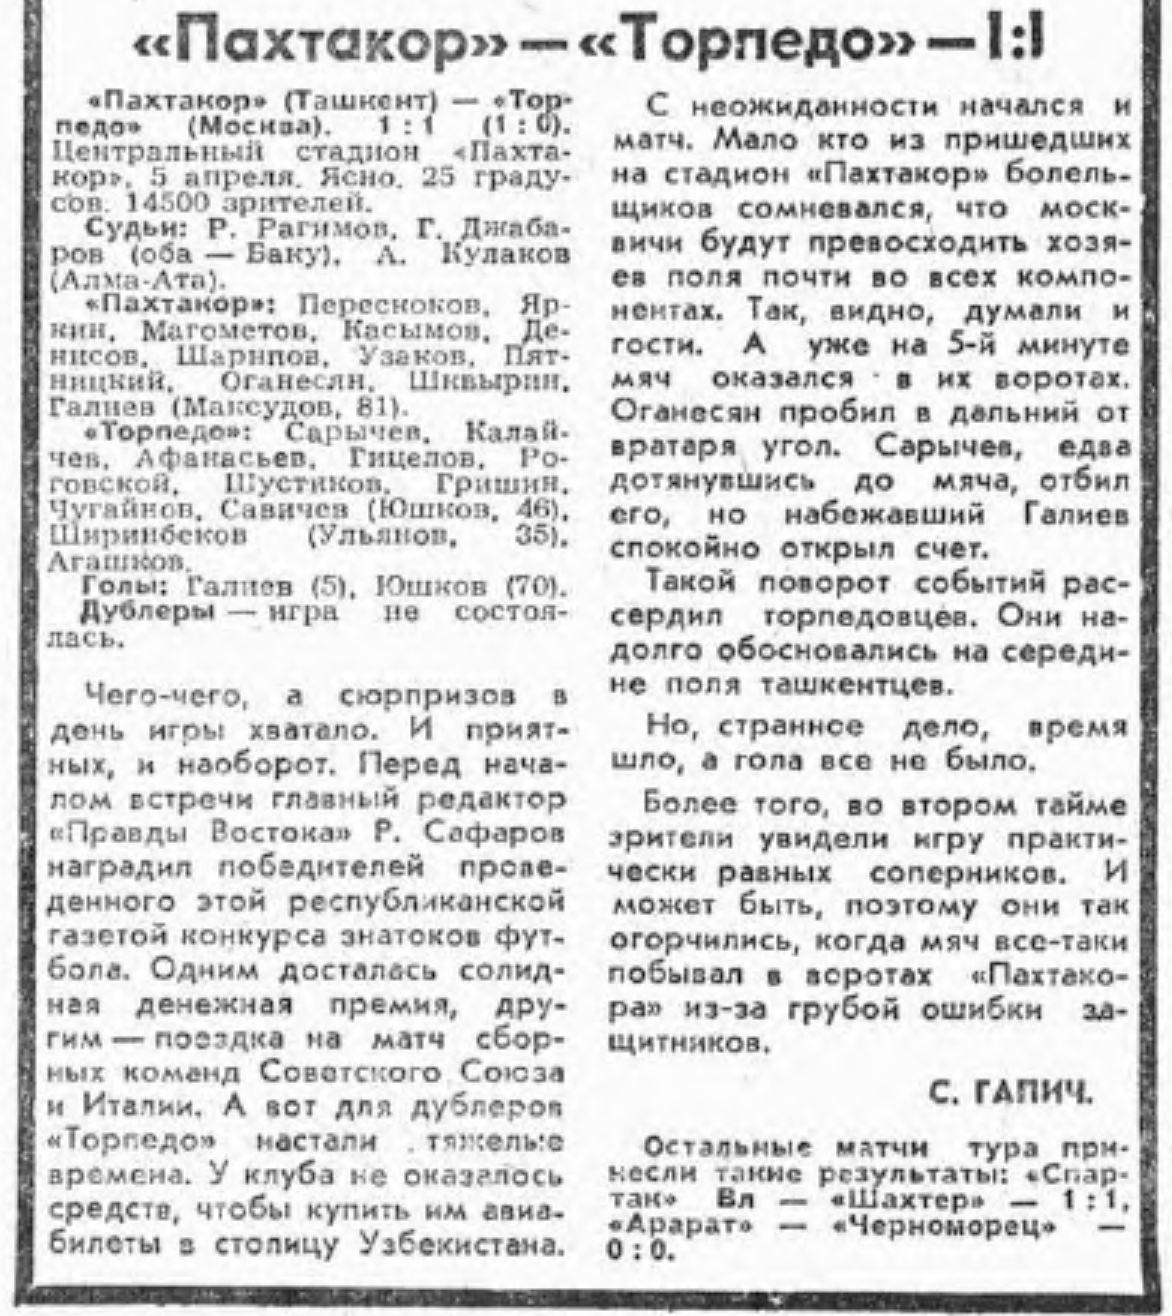 Пахтакор (Ташкент) - Торпедо (Москва) 1:1. Нажмите, чтобы посмотреть истинный размер рисунка